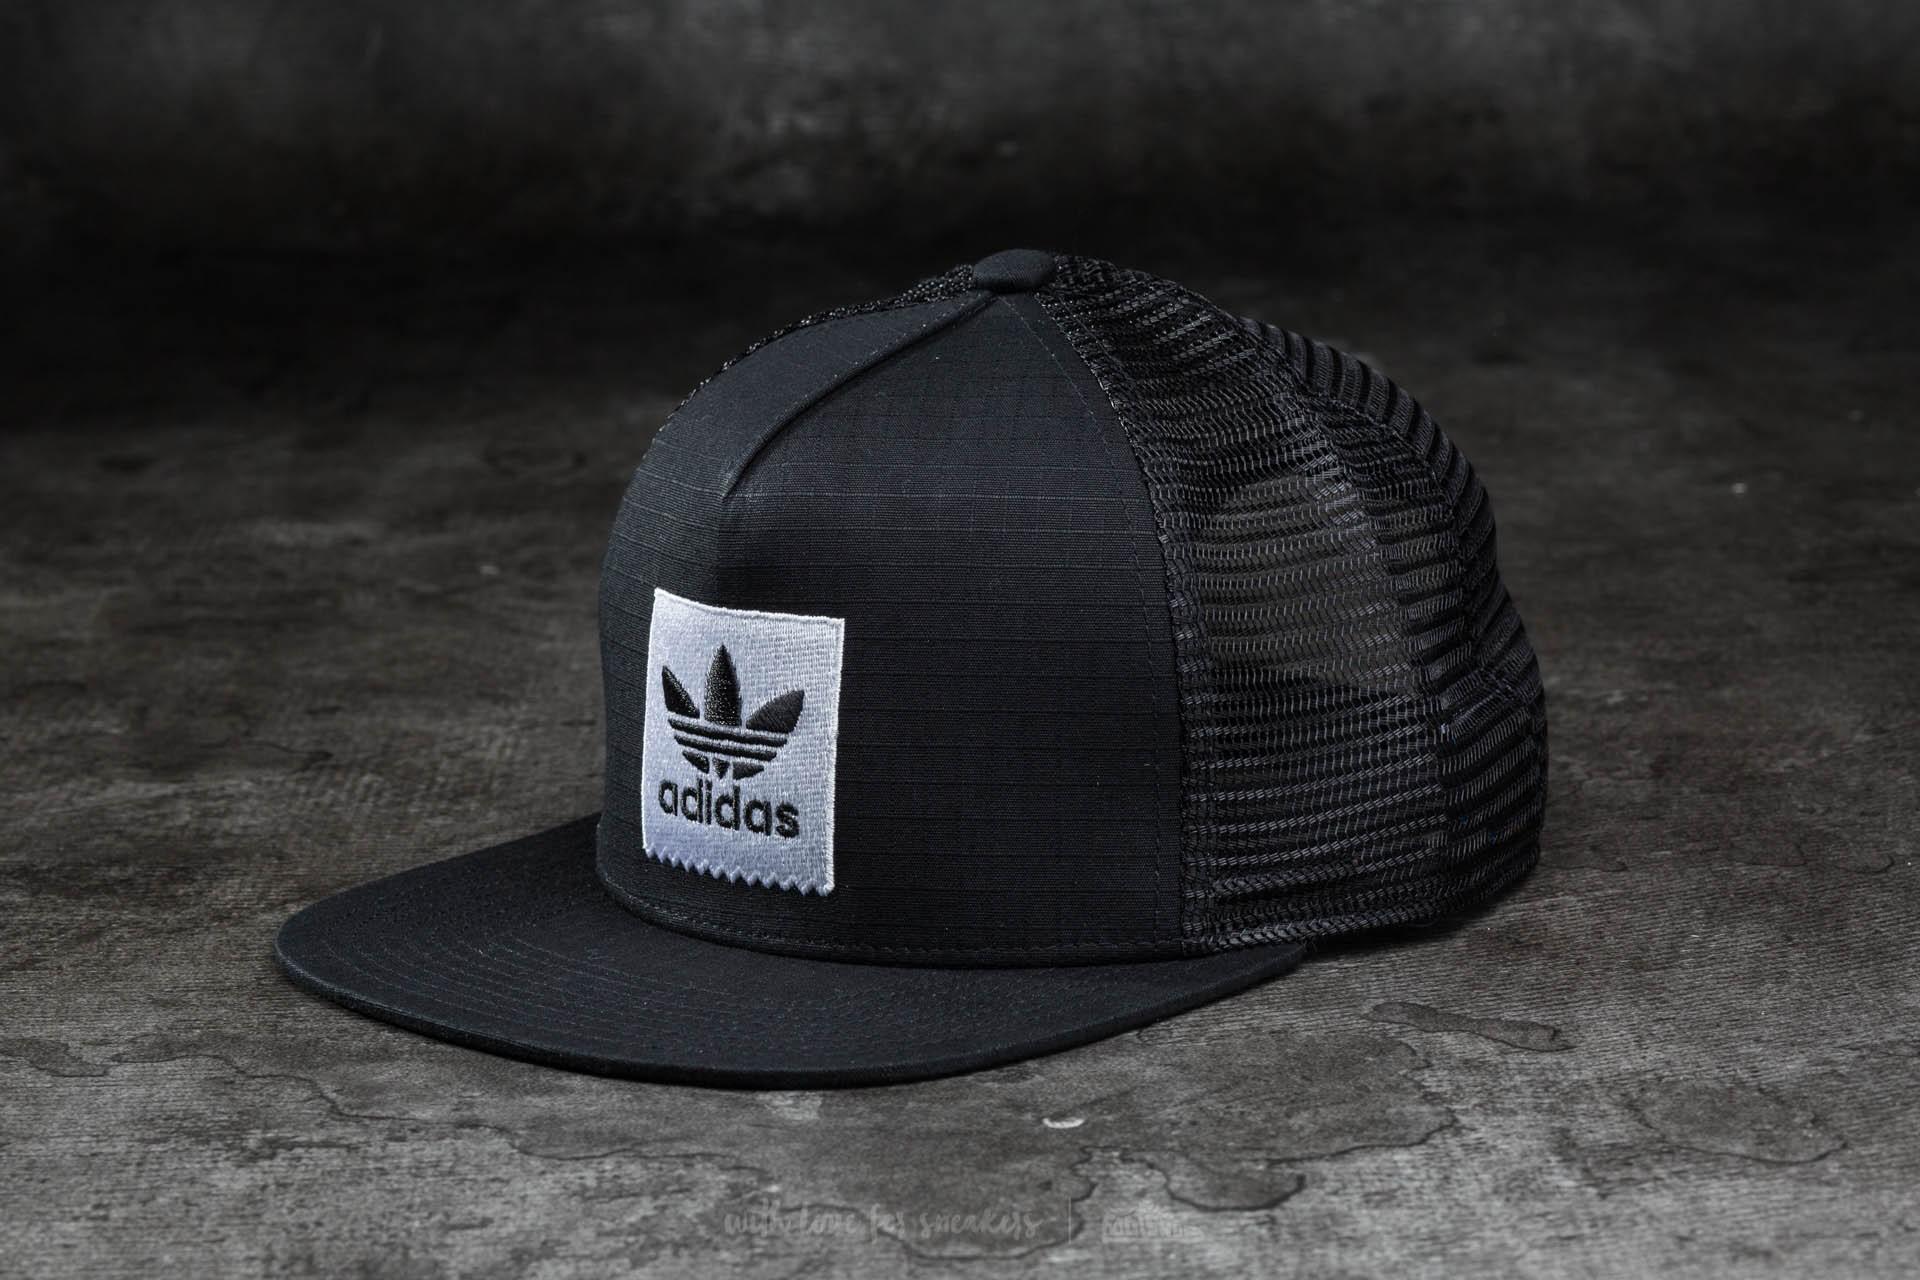 5198dfc53db93 adidas Trucker Hat 1 Black